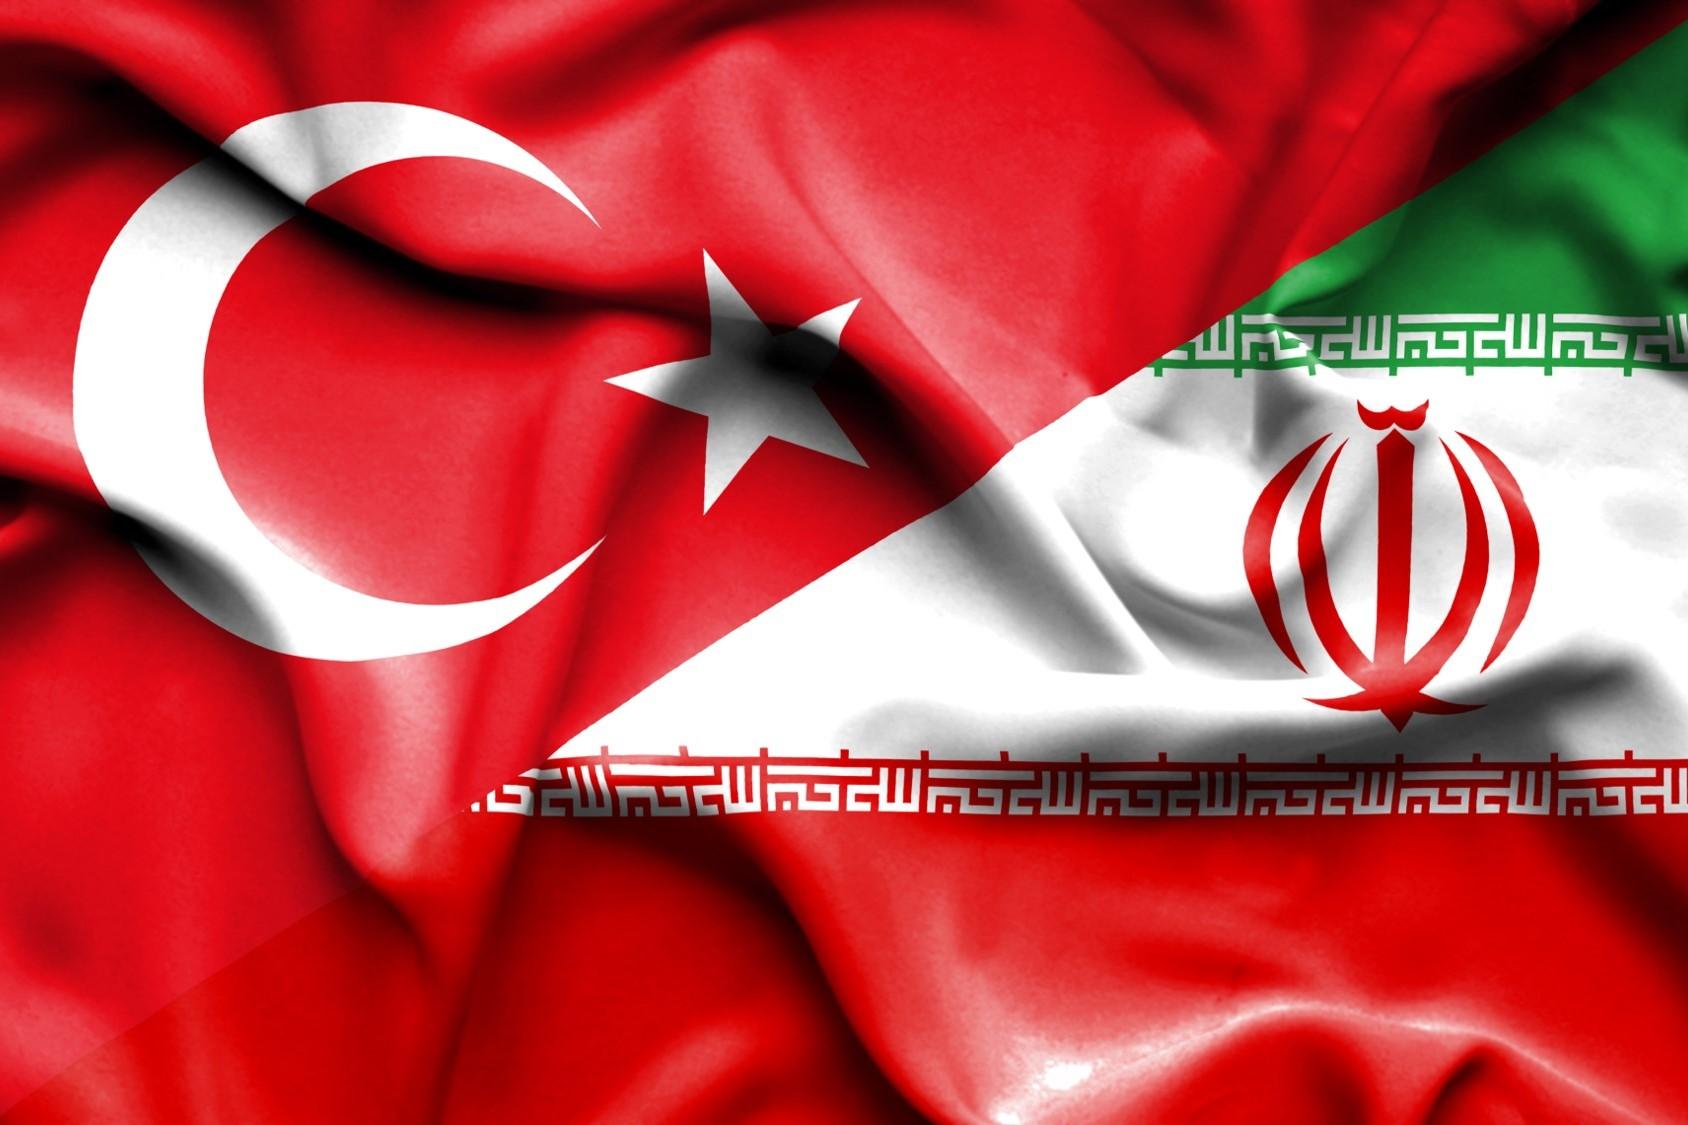 یک تیر و دونشان قرارداد پیمان پولی تهران-آنکارا/سوآپ،دلار و یورو را دور می زند